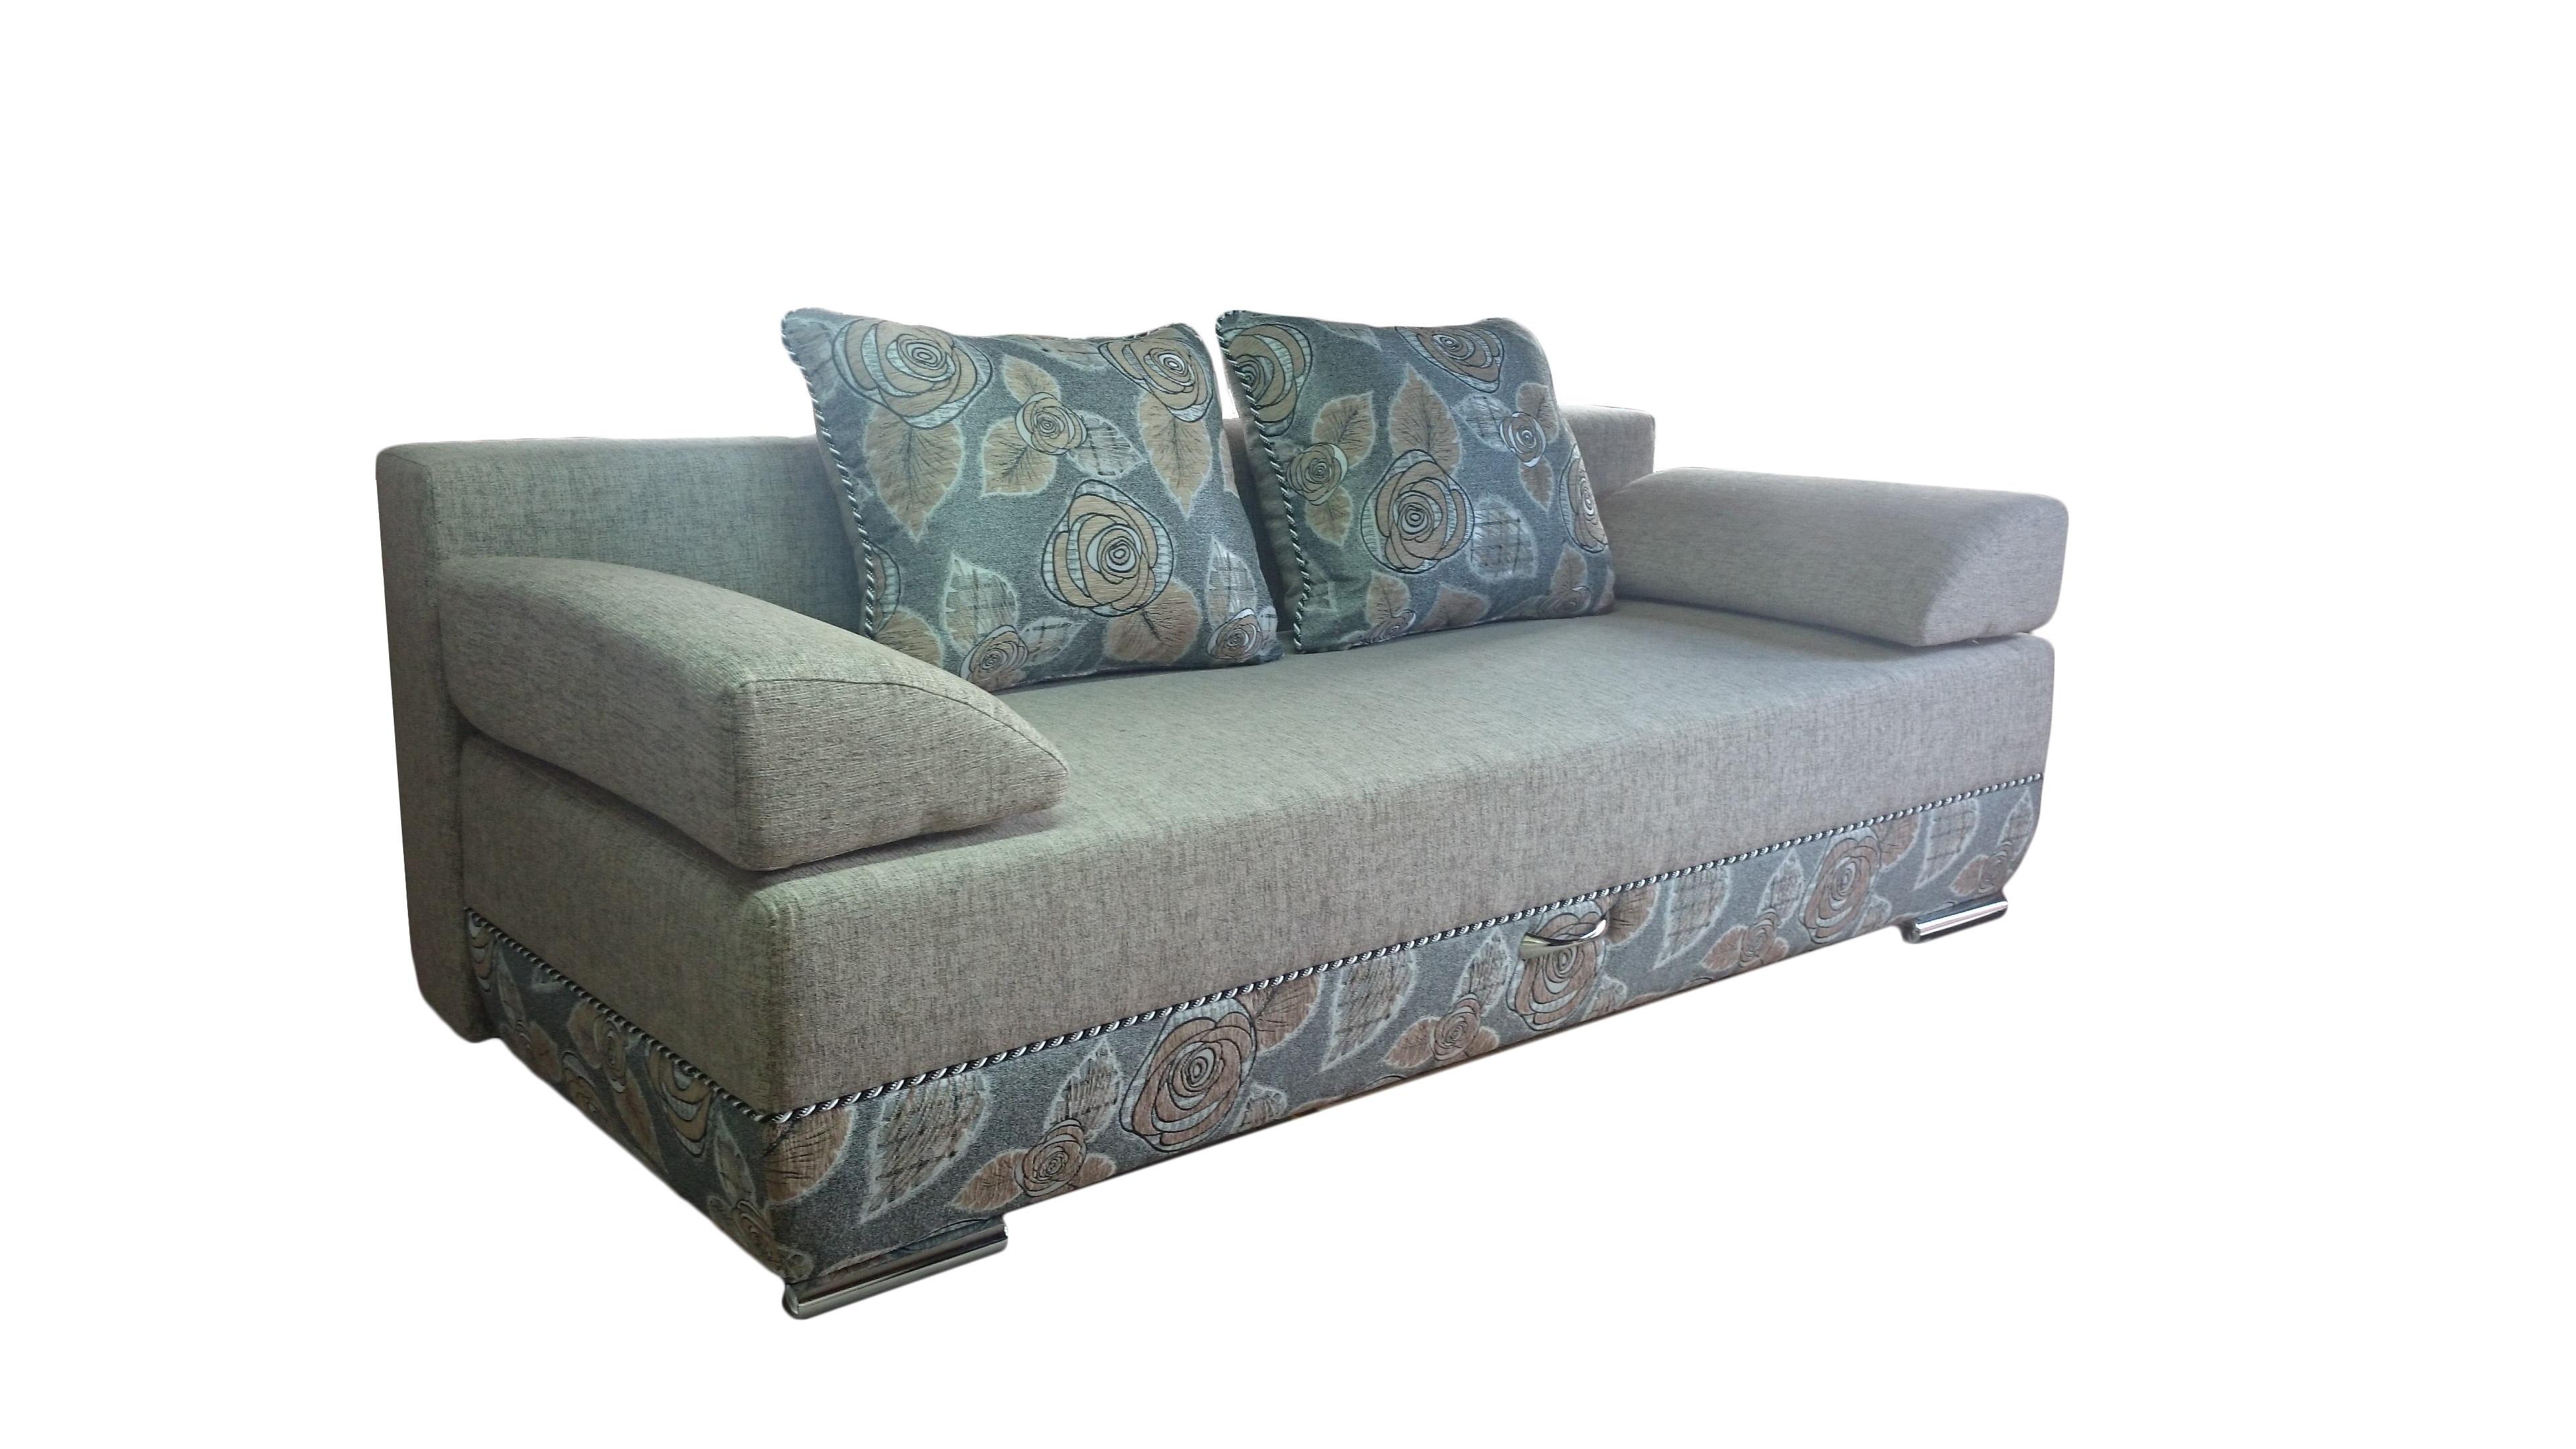 Gratis billeder : stol, interiør, Foto, møbel, smuk, puder ...